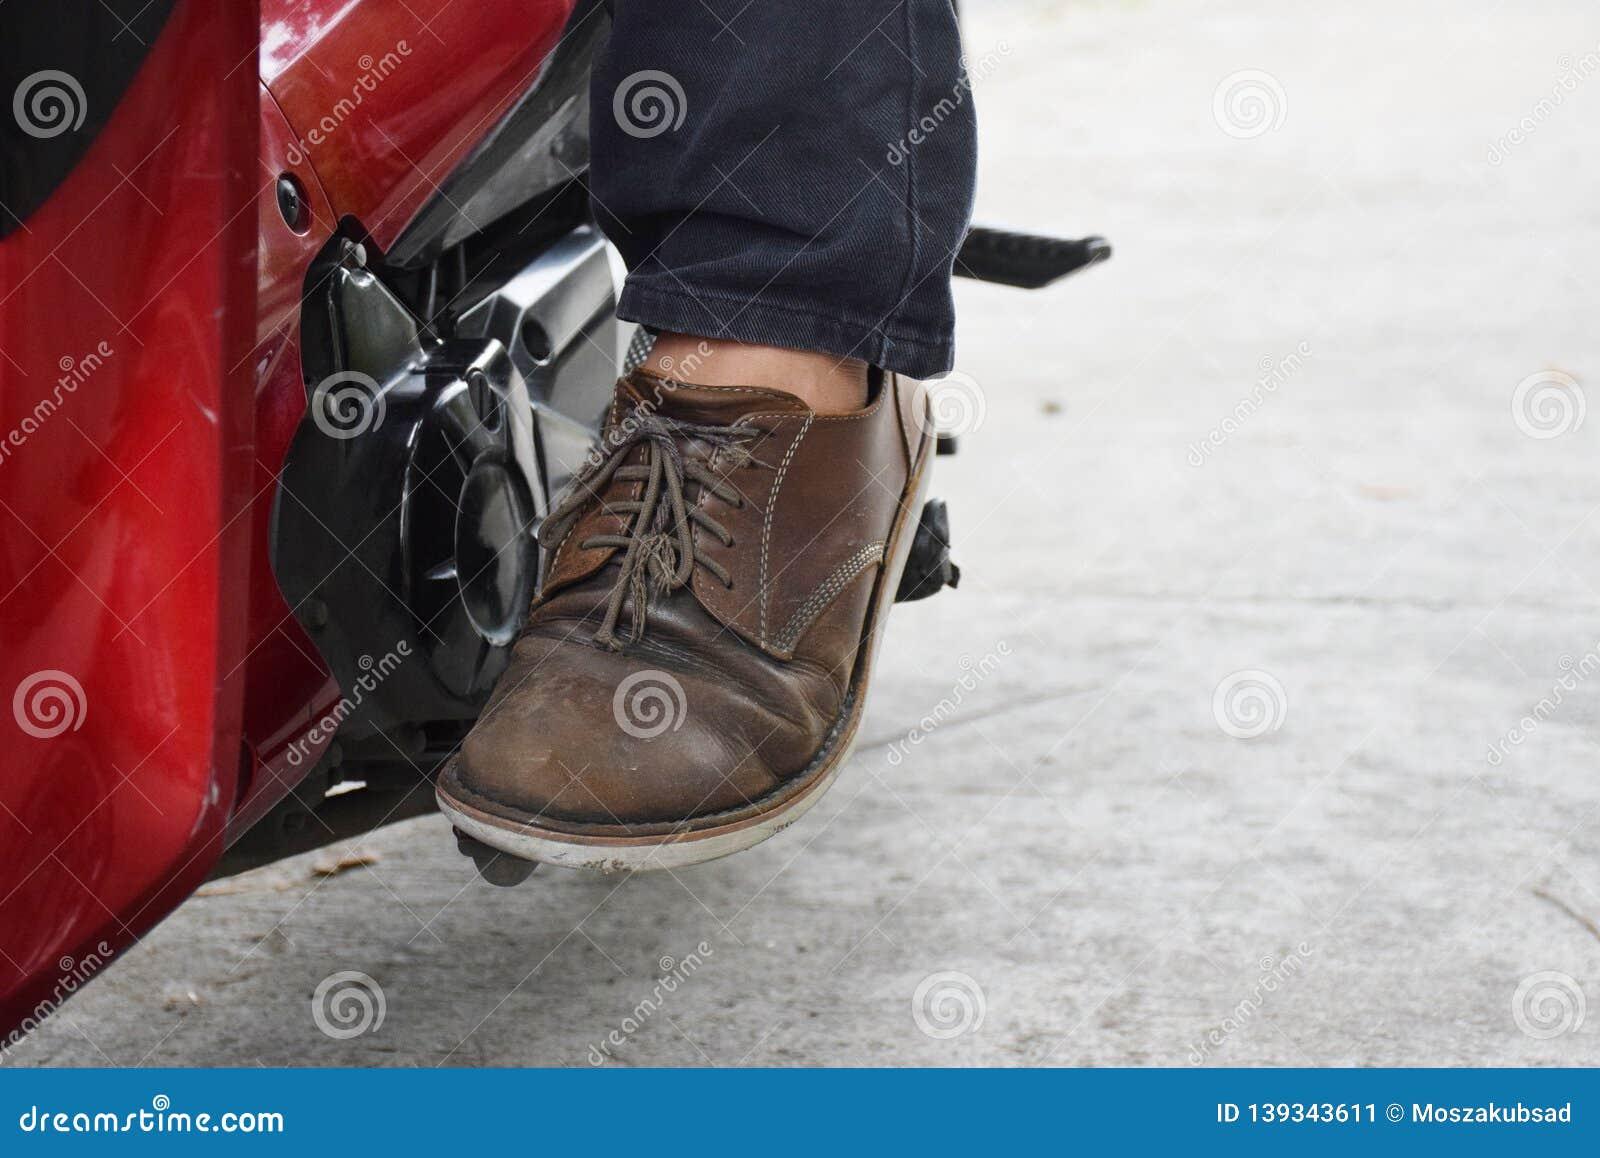 Sitt p? din motorcykel och starta motorn med fotstartst?ngen eller sparkstartknappen